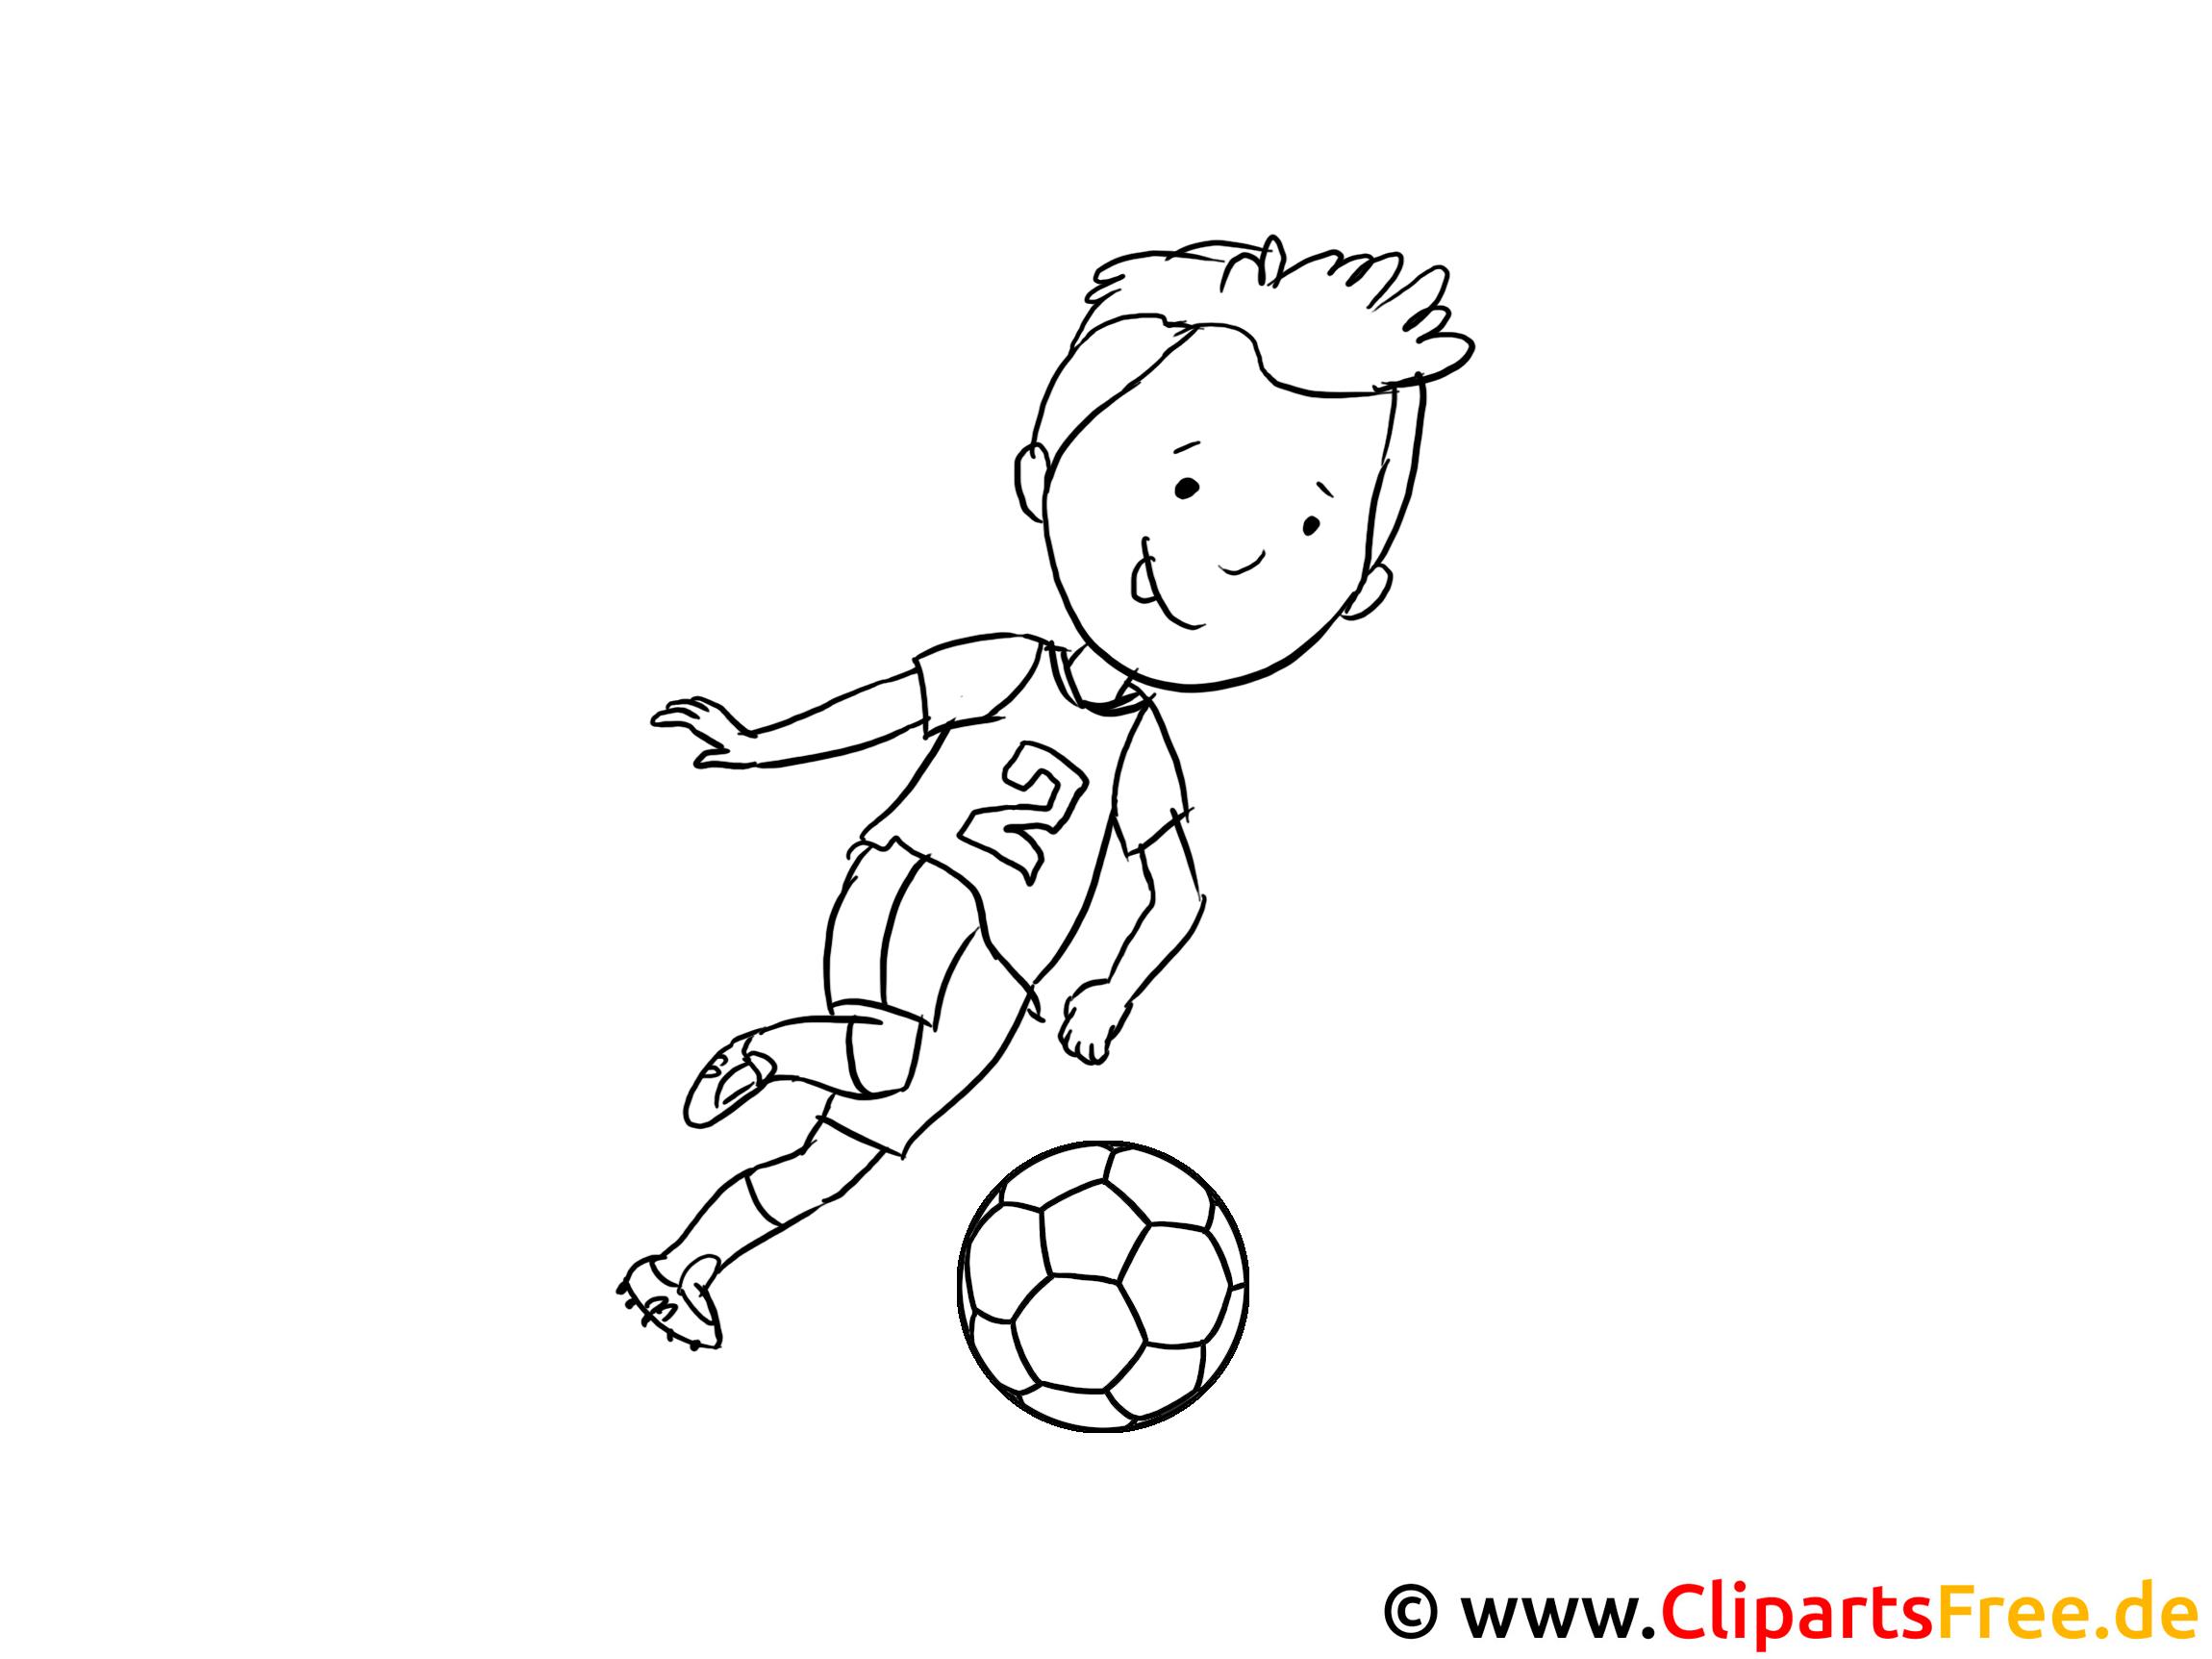 Malbilder Fussball